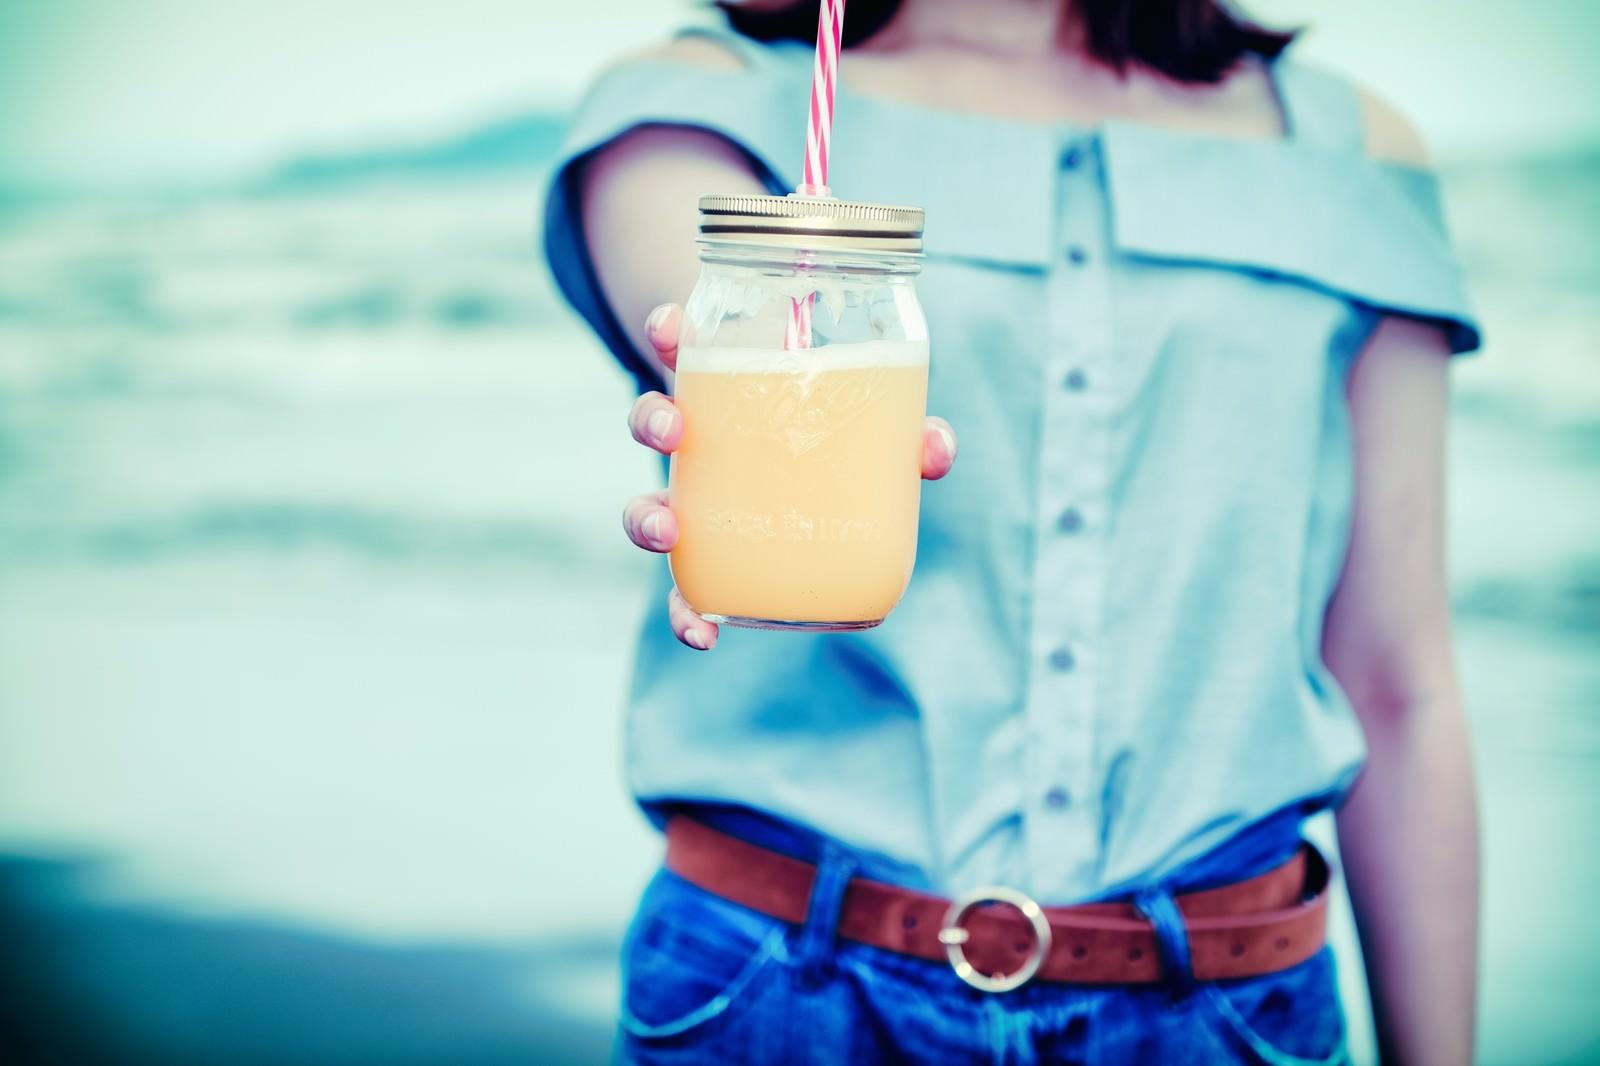 「飲みかけだけど飲む?(ガラスのドリンクジャー)」の写真